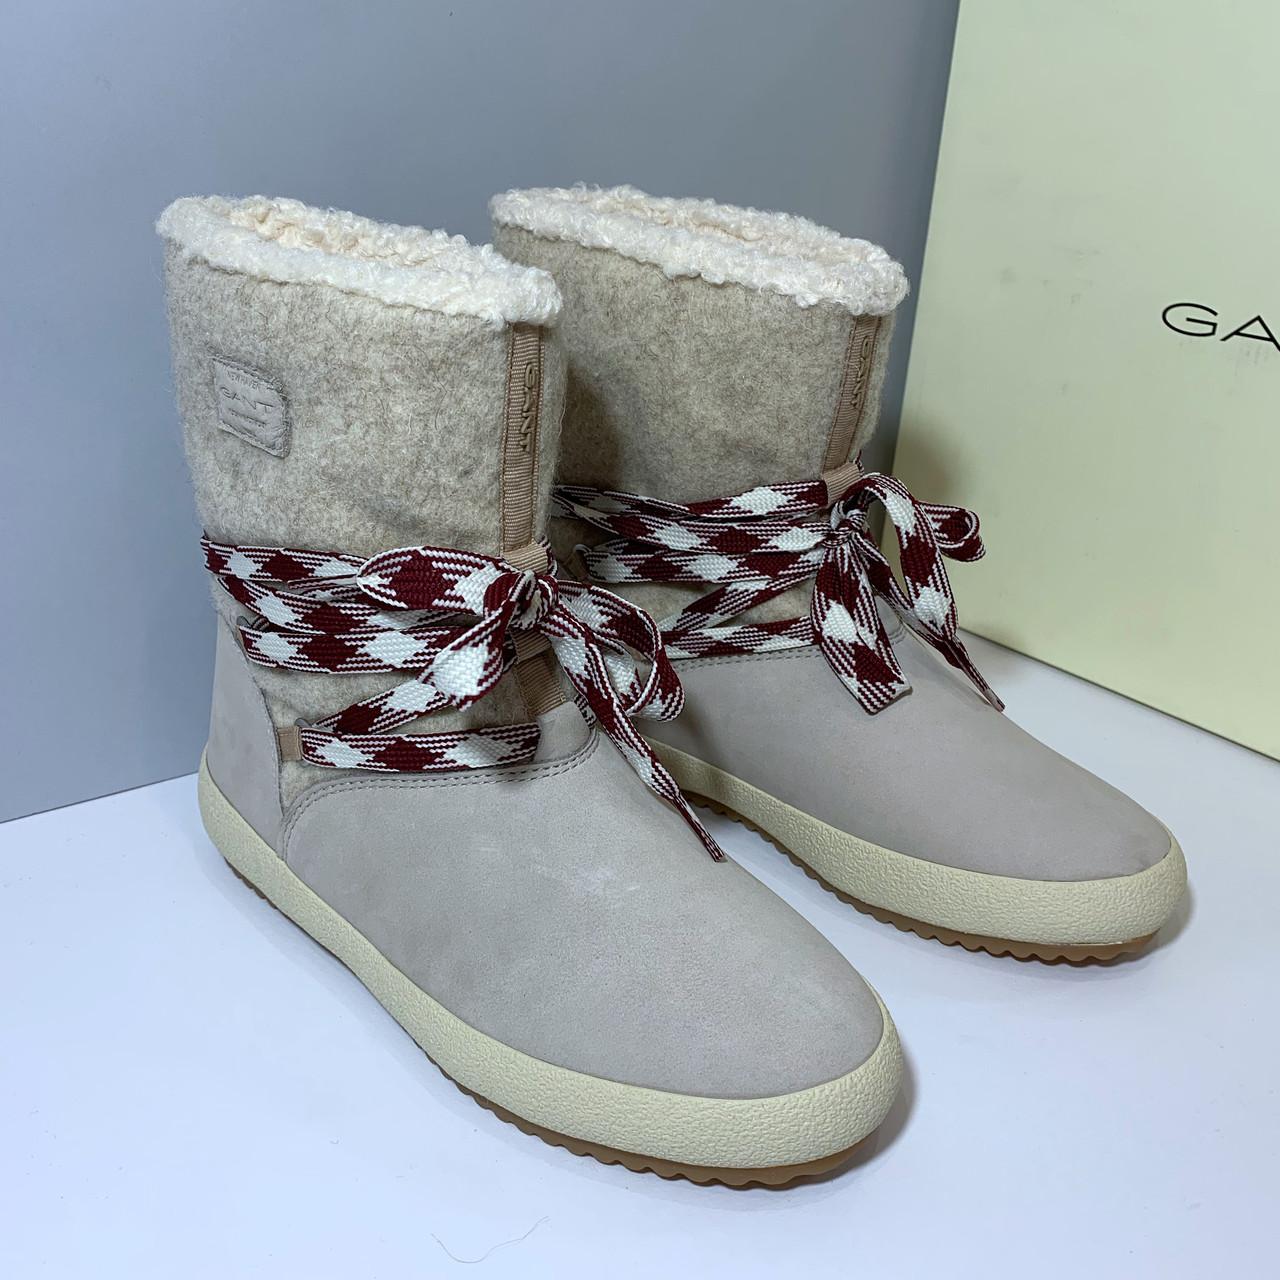 98797ce3 Женские зимние бежевые ботинки Gant Amy. Размер 38 EU (24,5 см ...